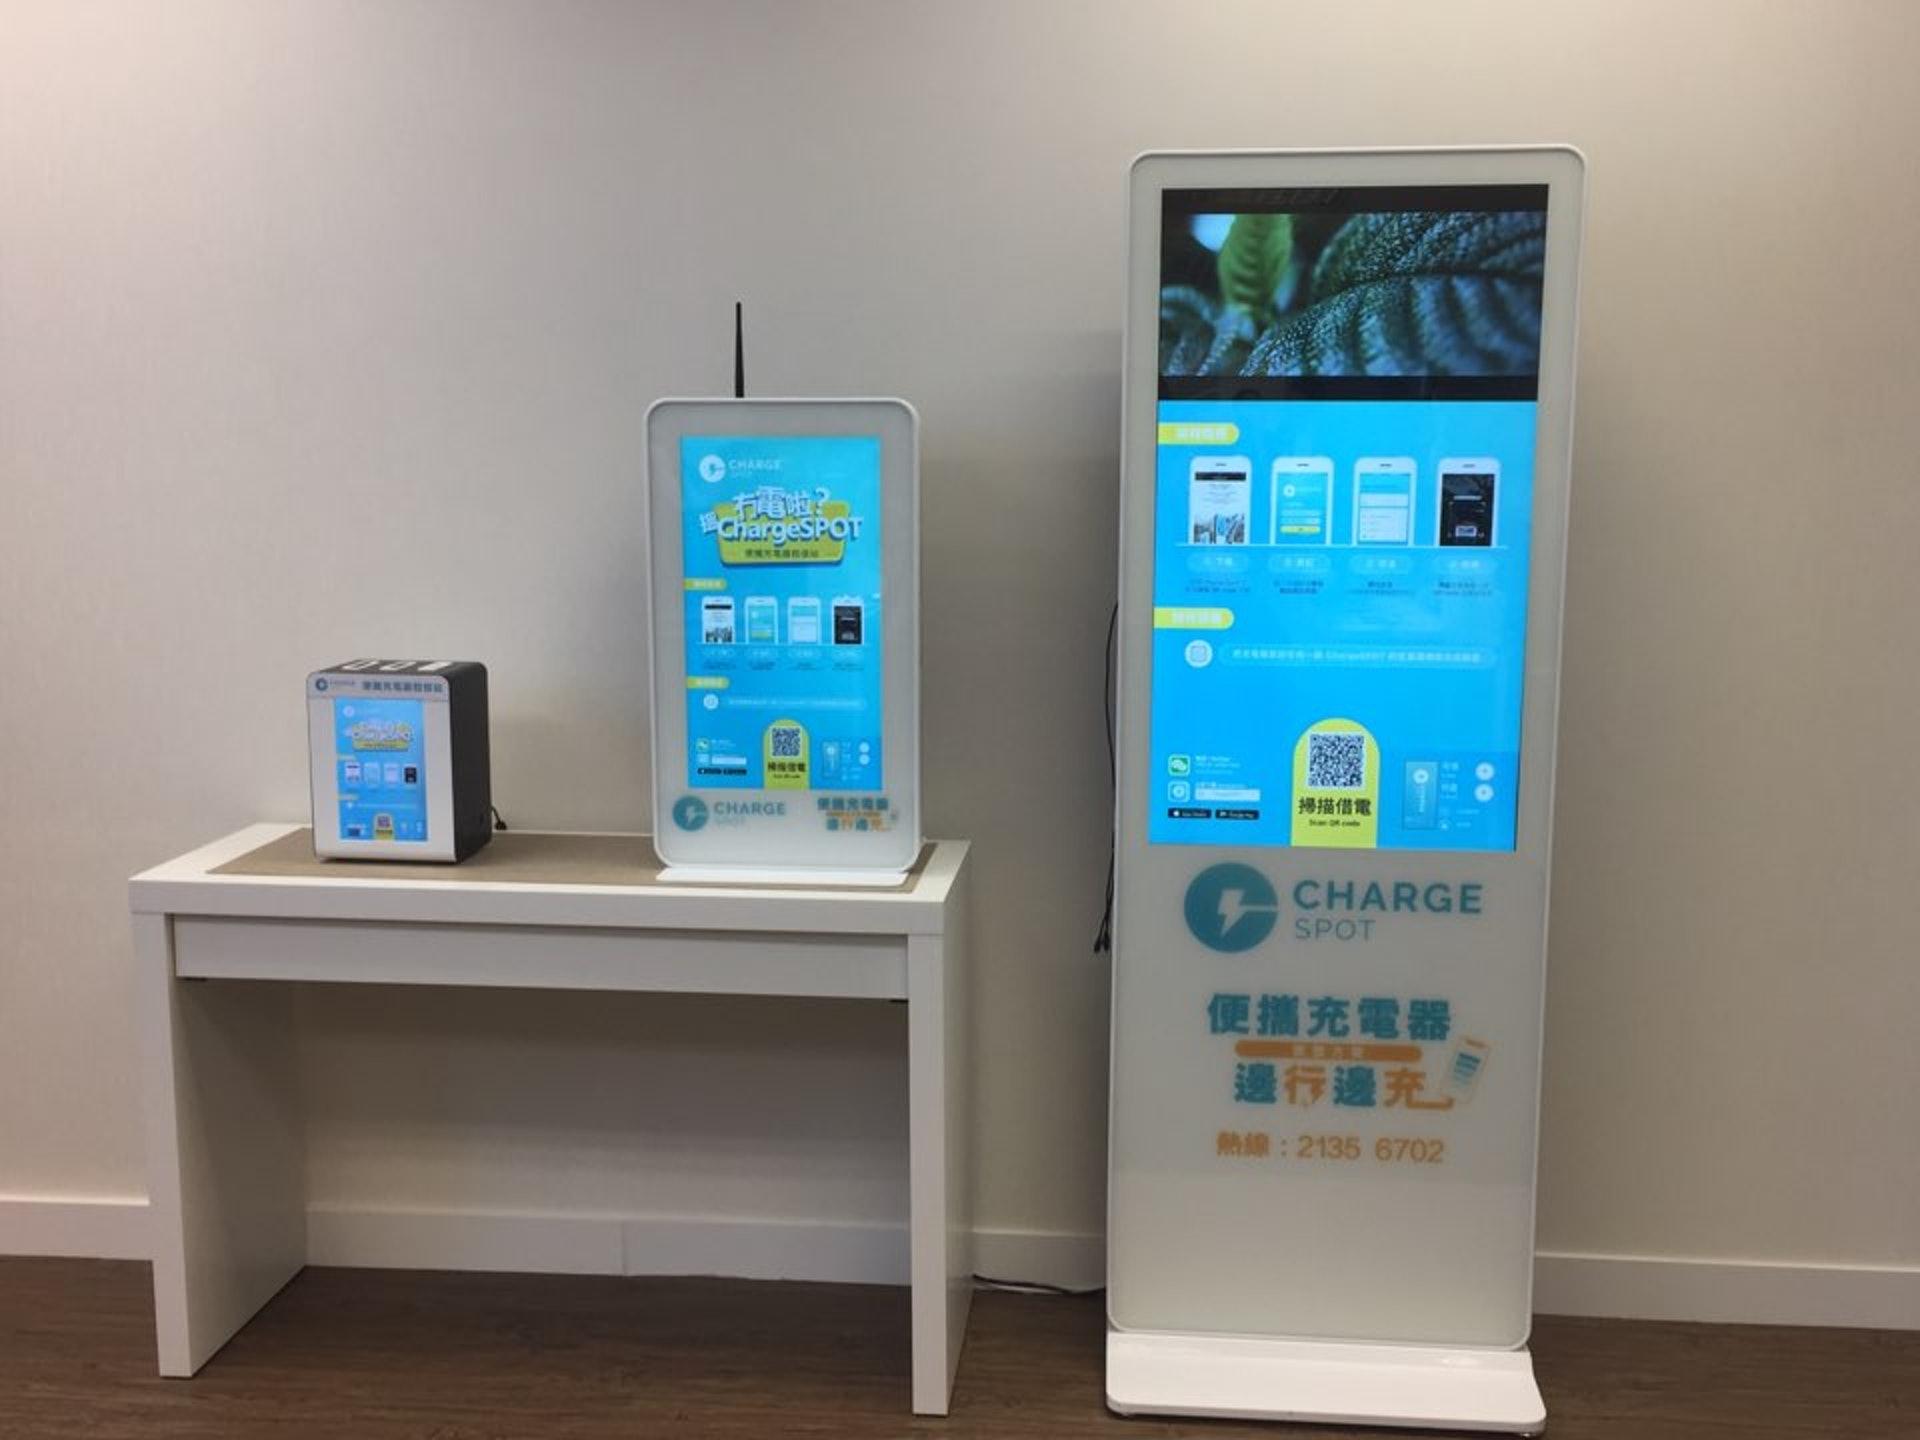 ChargeSpot 提供3款不同大小的租電機器,由左至右分設有3個、10個以及18個「尿袋」可供市民租用。(陳晶琦攝)